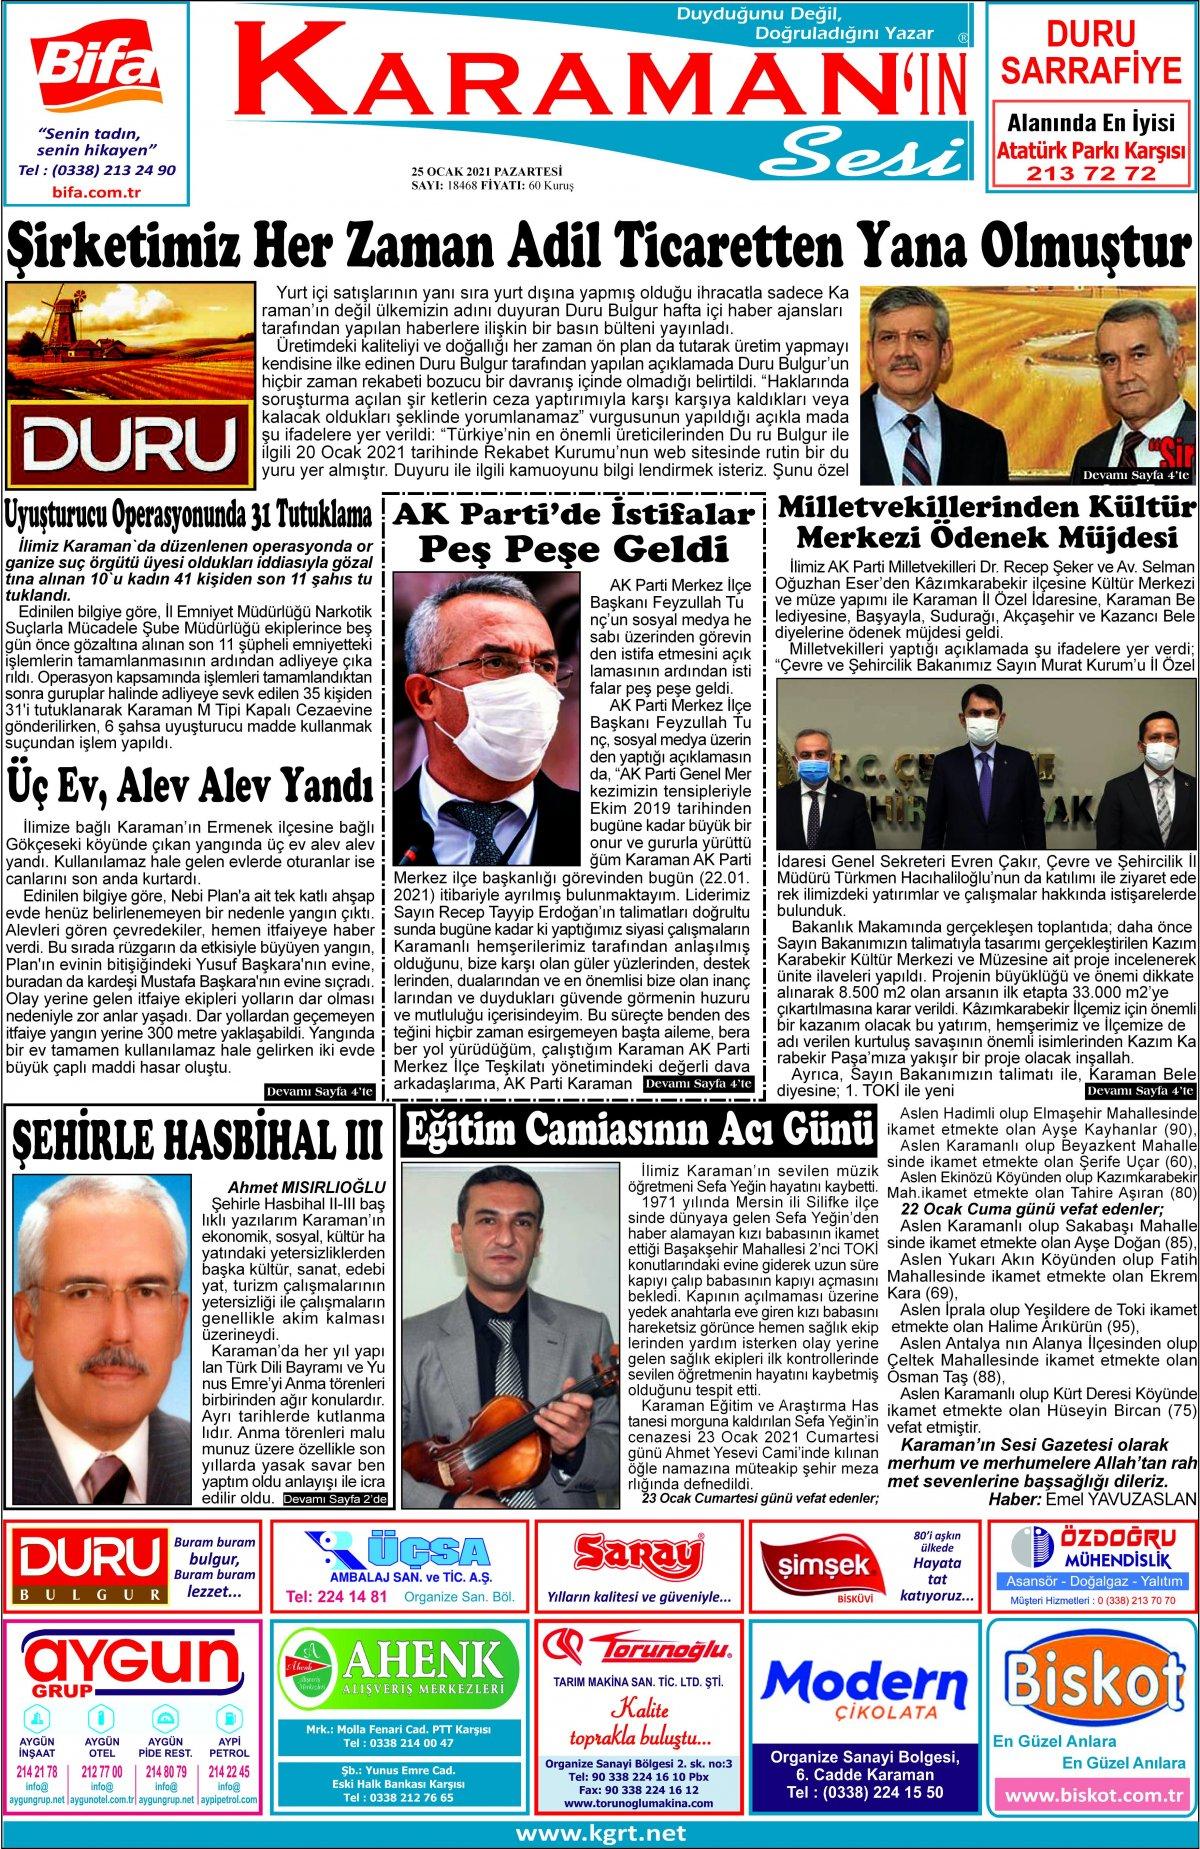 Karaman'ın Sesi | Karaman Haber|KGRT Karaman Haber - 25.01.2021 Manşeti